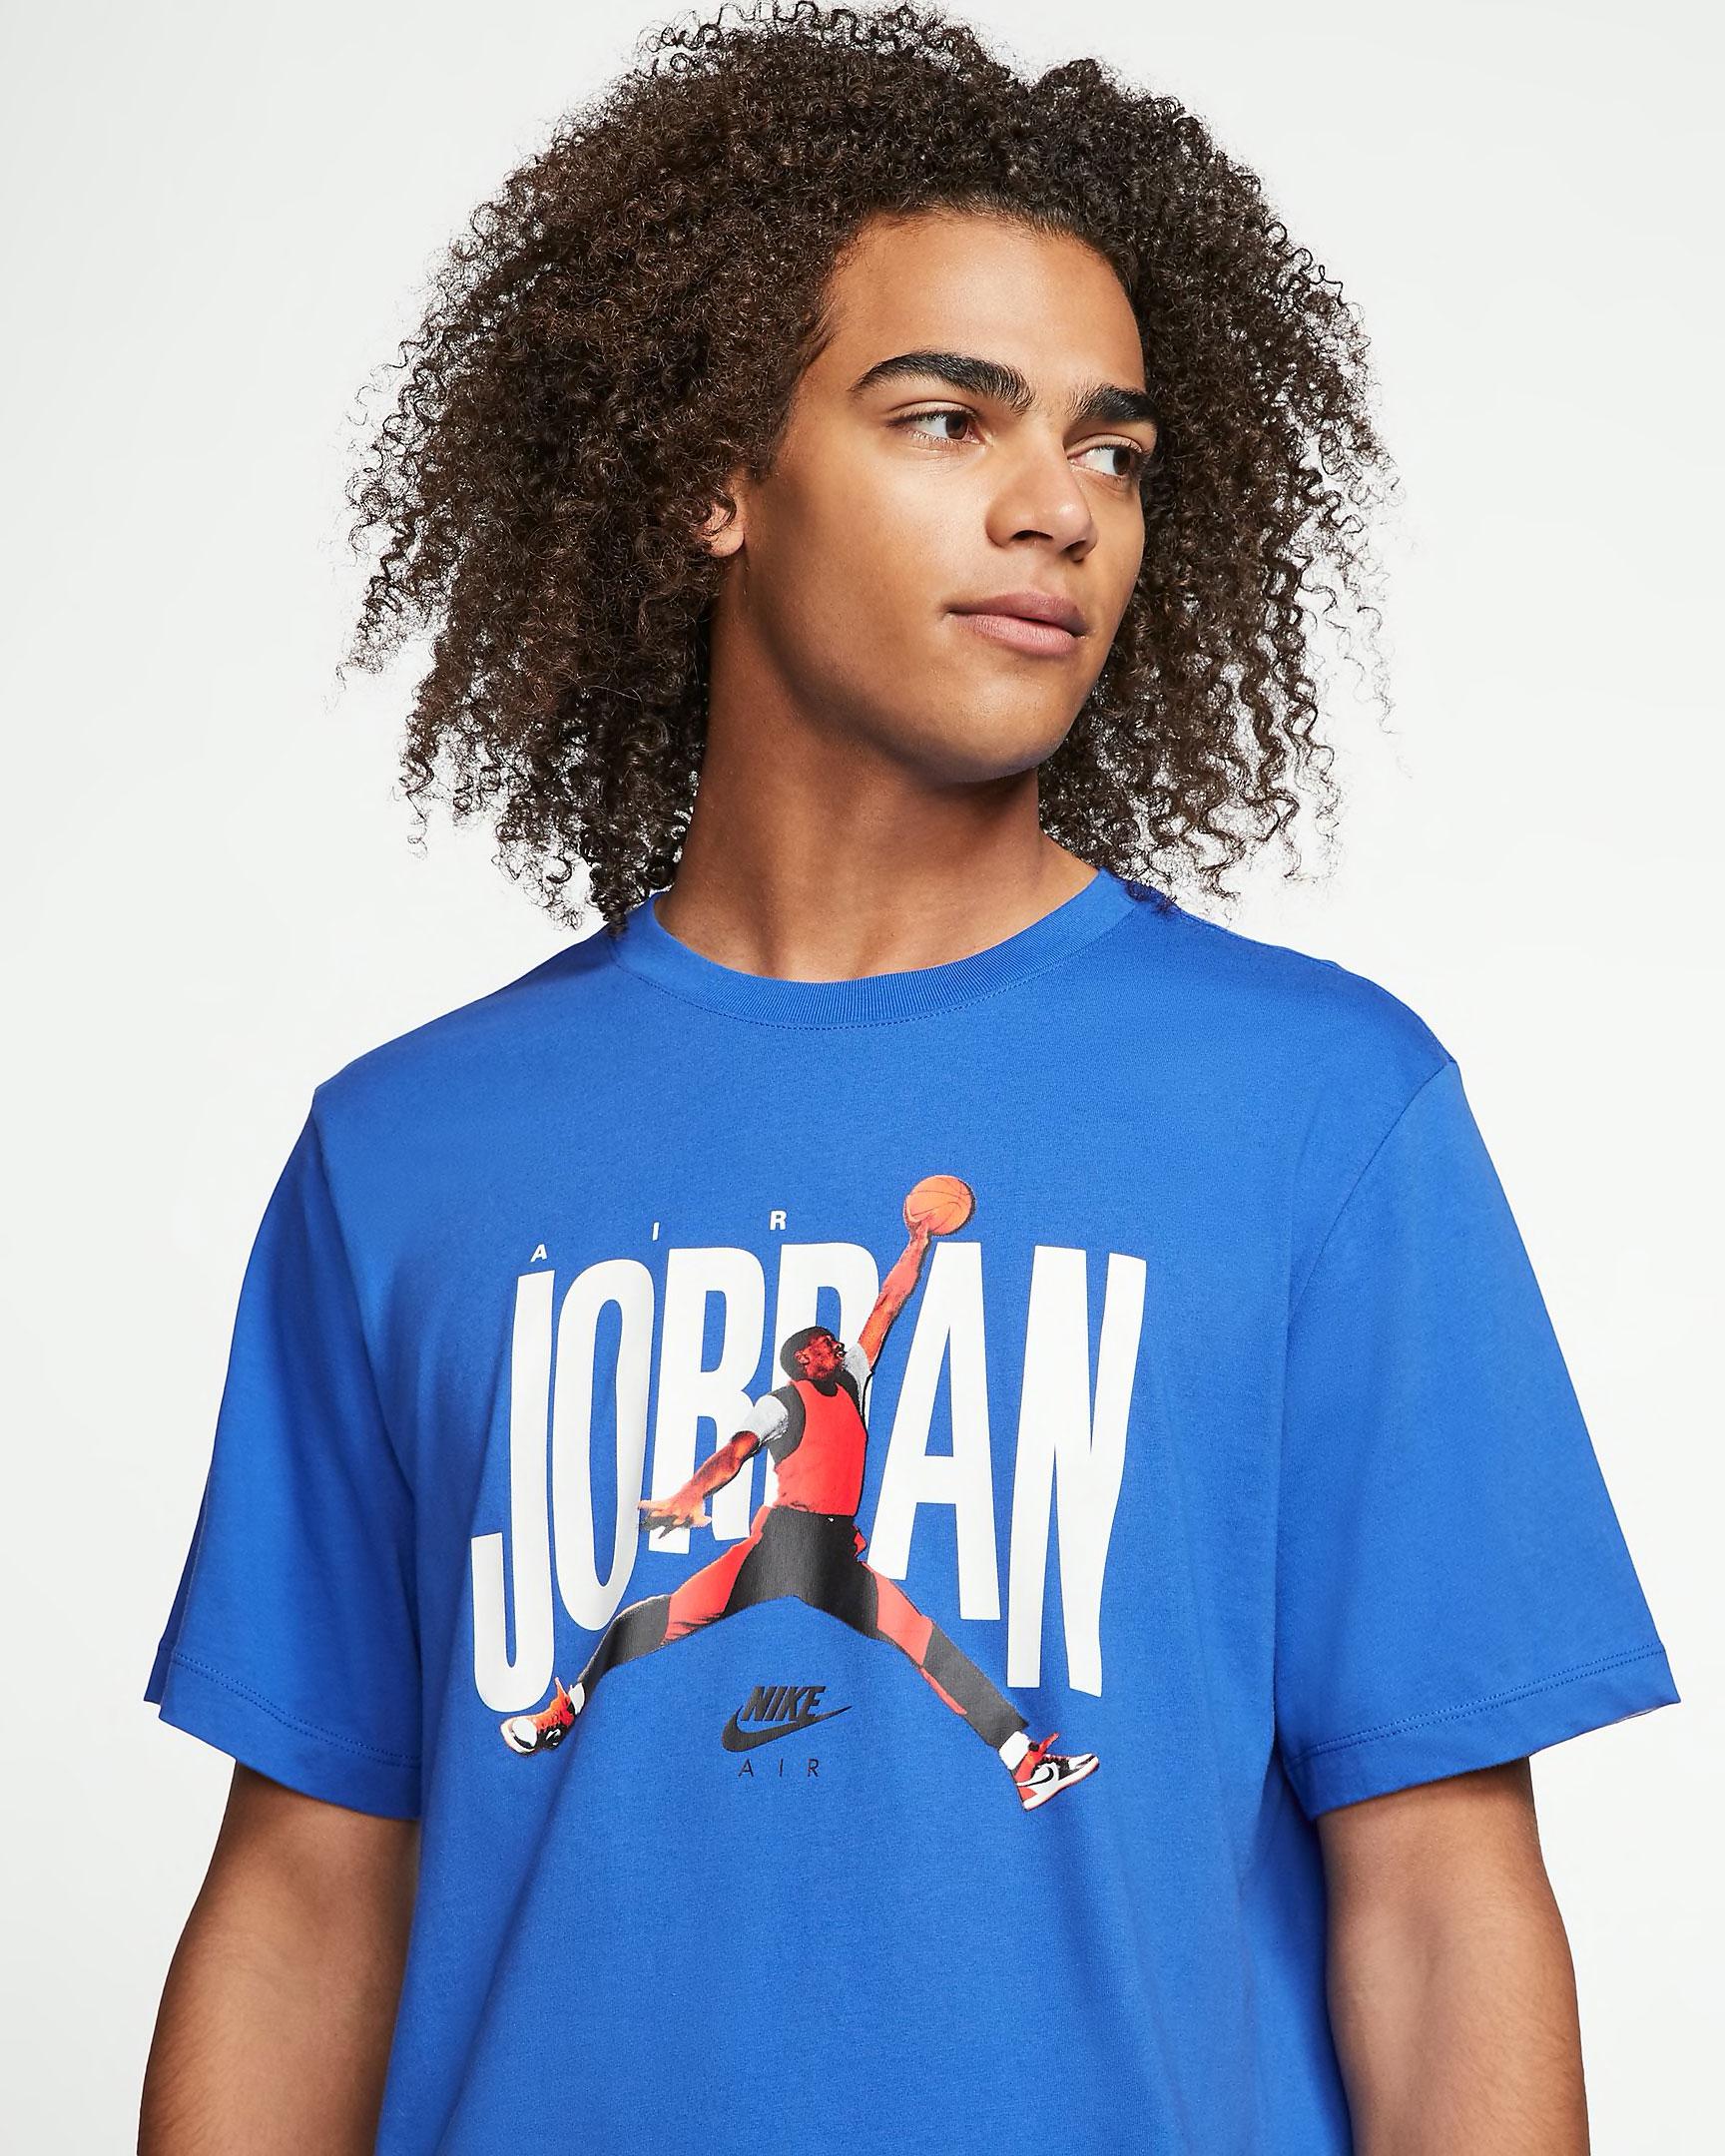 jordan-jumpman-photo-shirt-blue